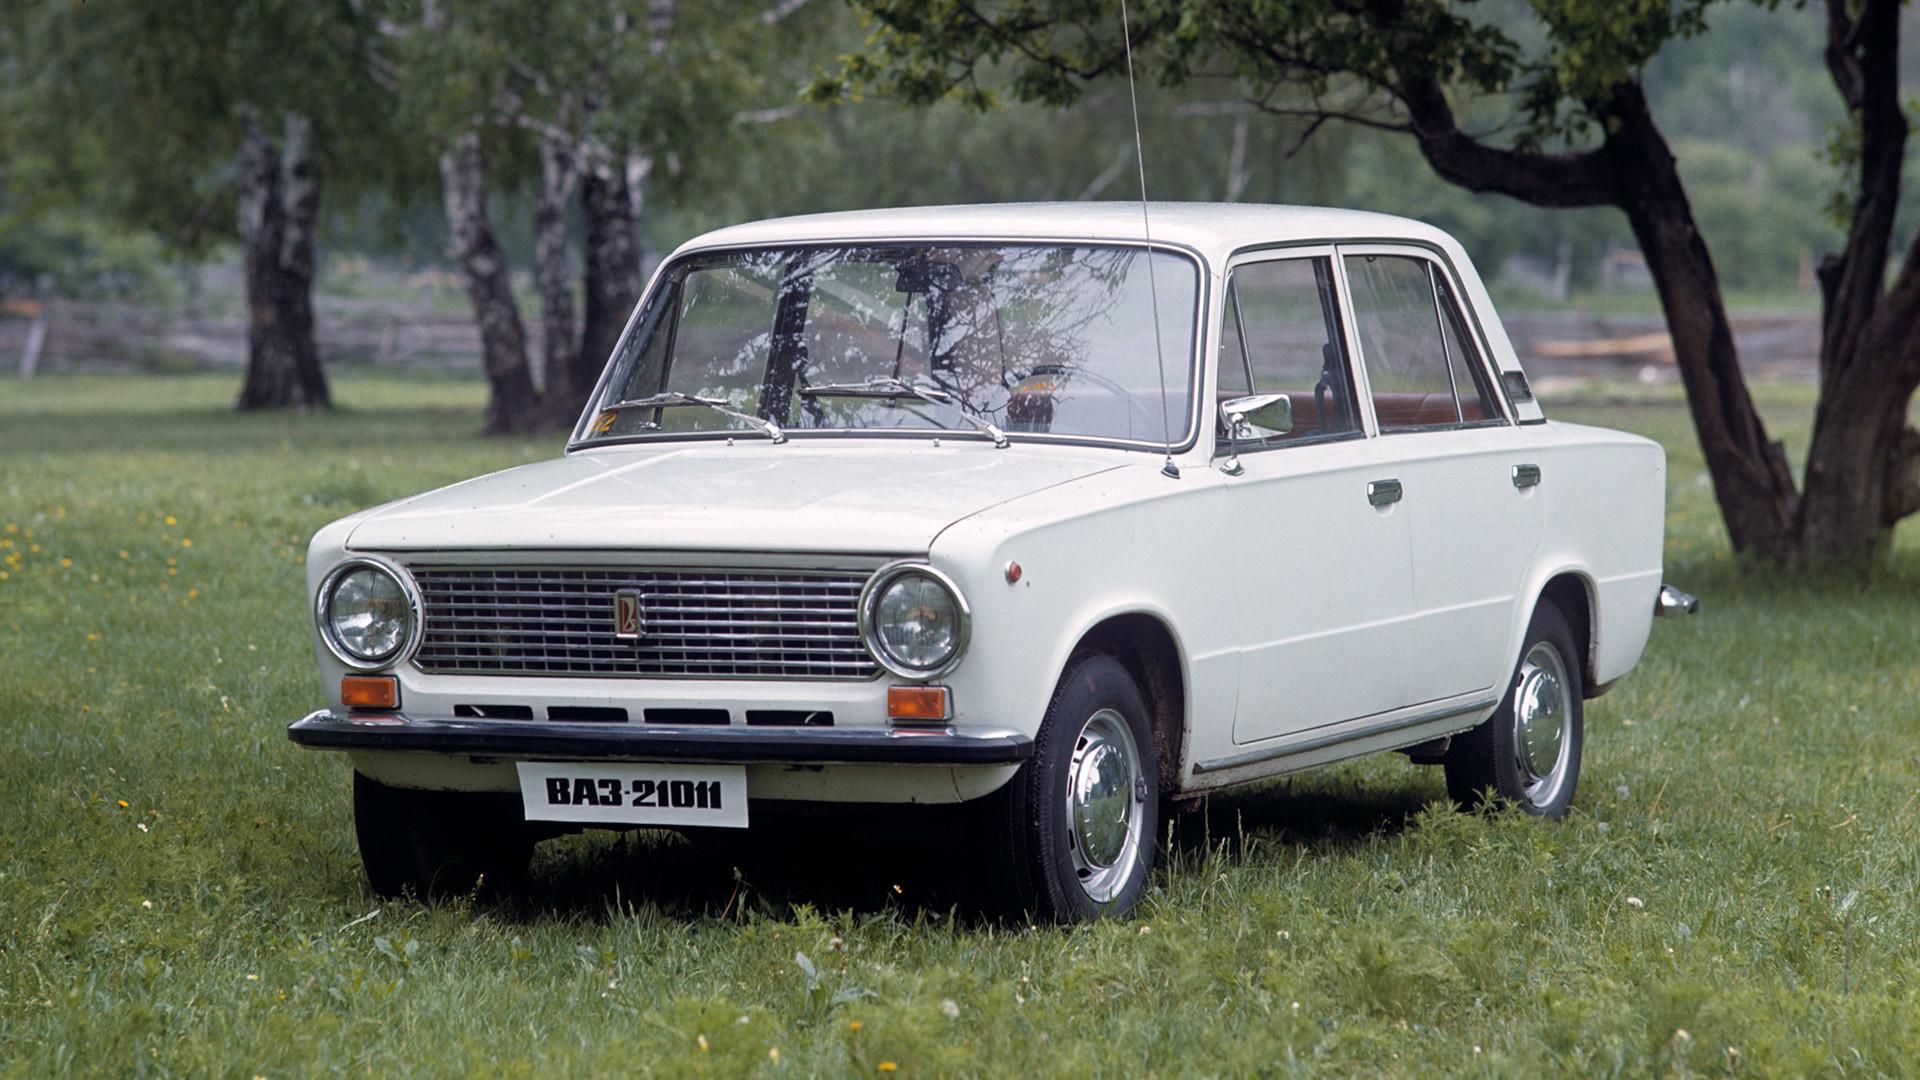 Lada 2101 alias VAZ-2101.